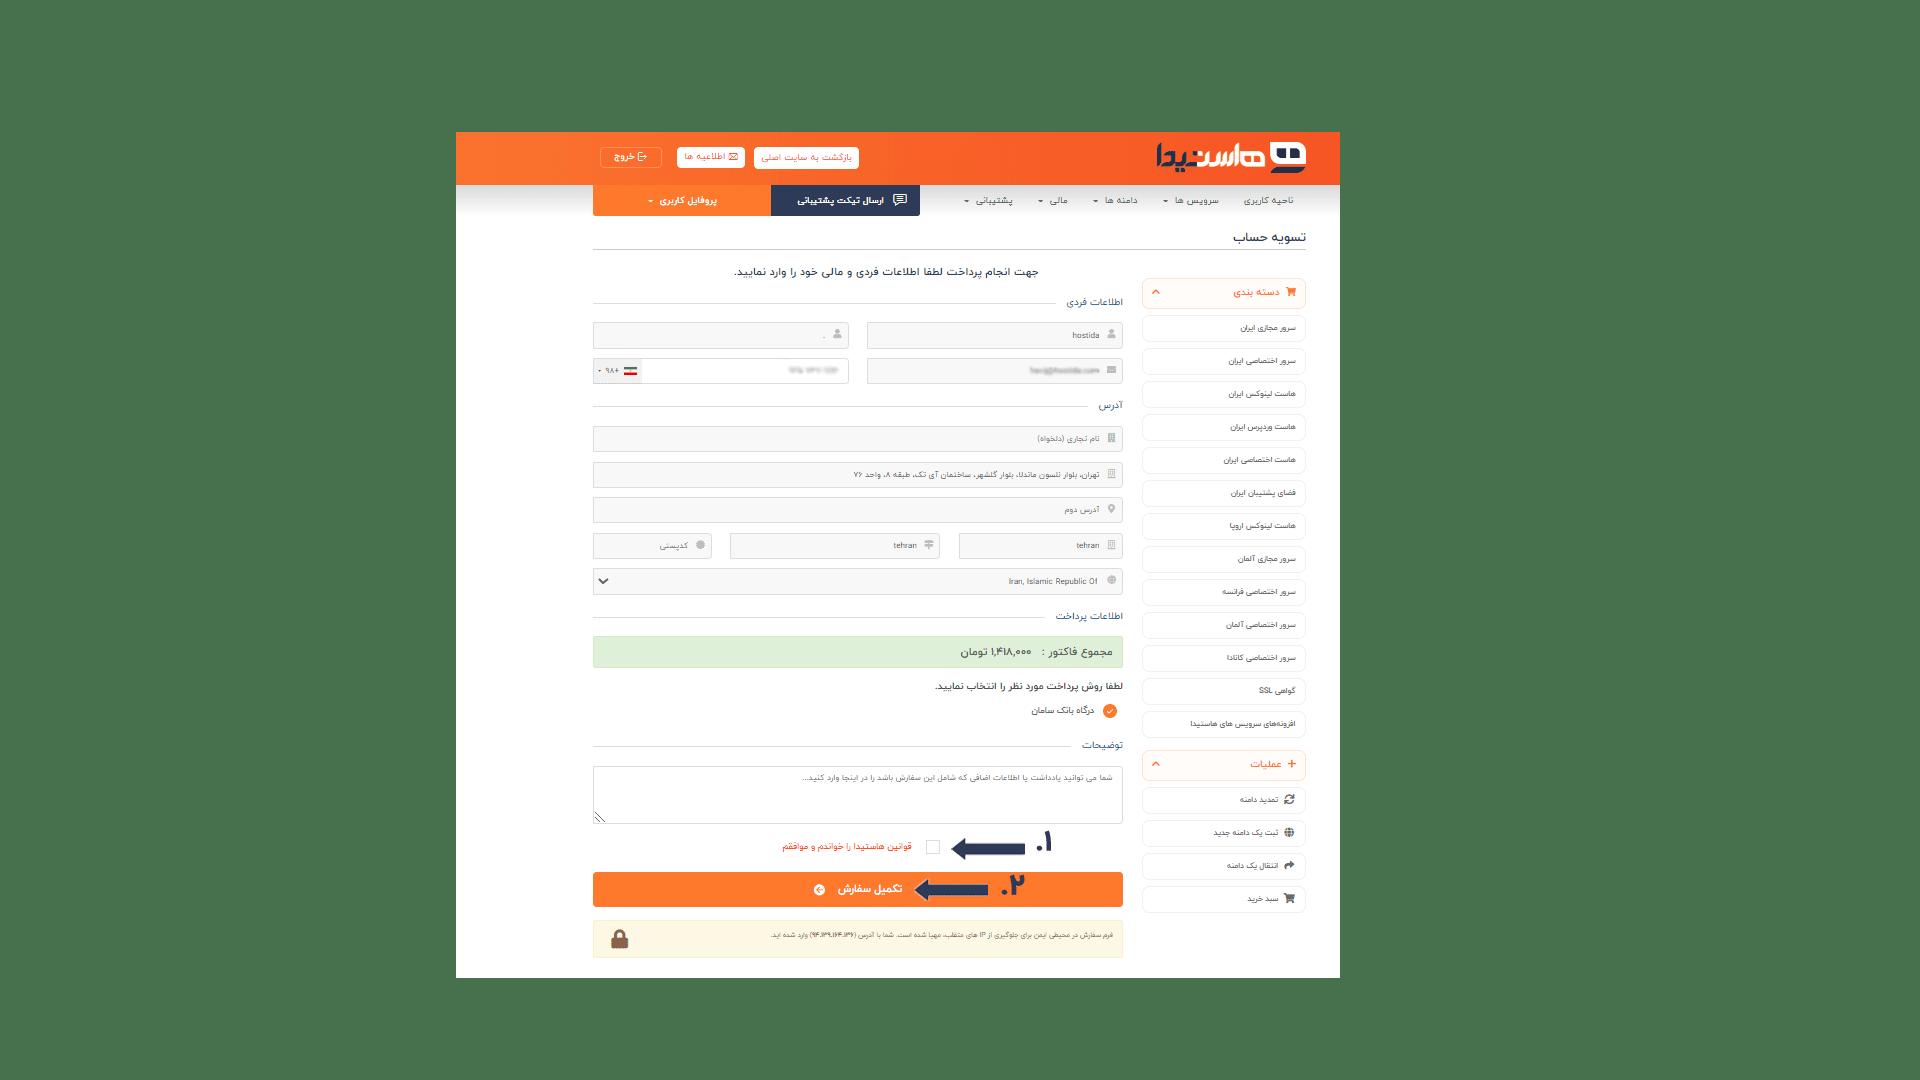 بازبینی اطلاعات و تسویه حساب - آموزش خرید سرور مجازی ایران